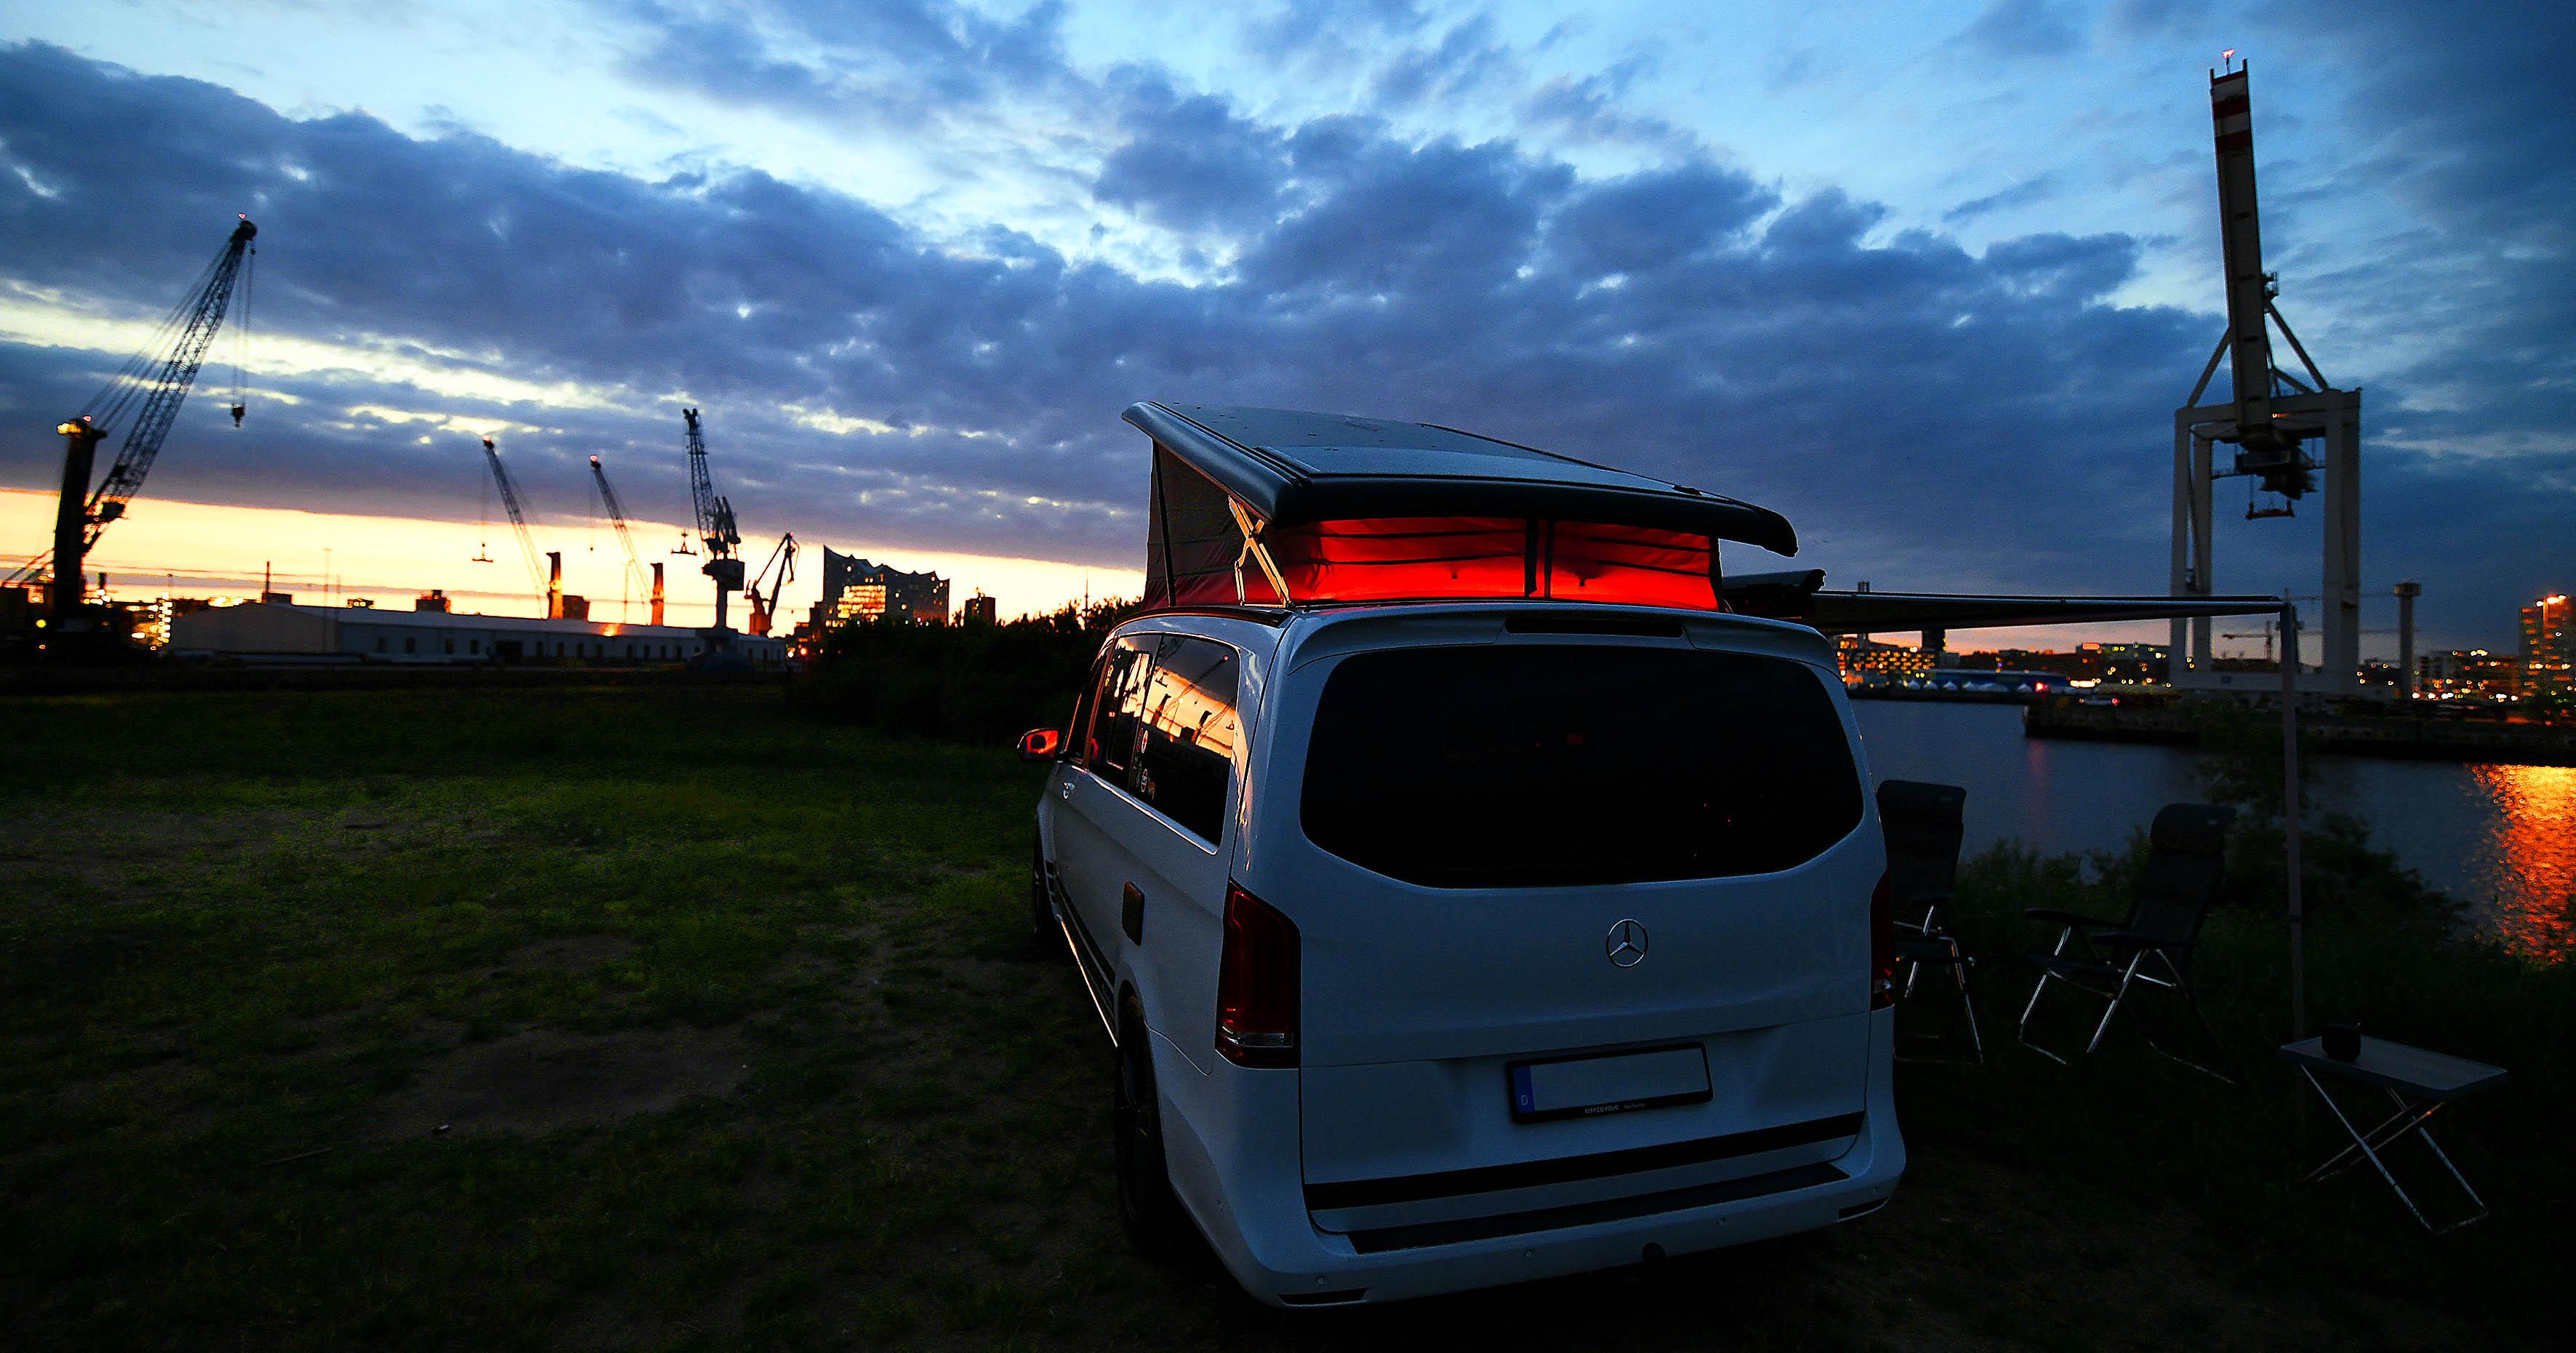 Foto: Michael B. Rehders Der Camper-Van steht direkt an der Elbe. Es ist der 21. Juni, 23.30 Uhr. Mittsommernacht. Im Hintergrund leuchtet die Elbphilharmonie vor dem Restlicht der untergehenden Sonne. Ein wirklich schöner Anblick.